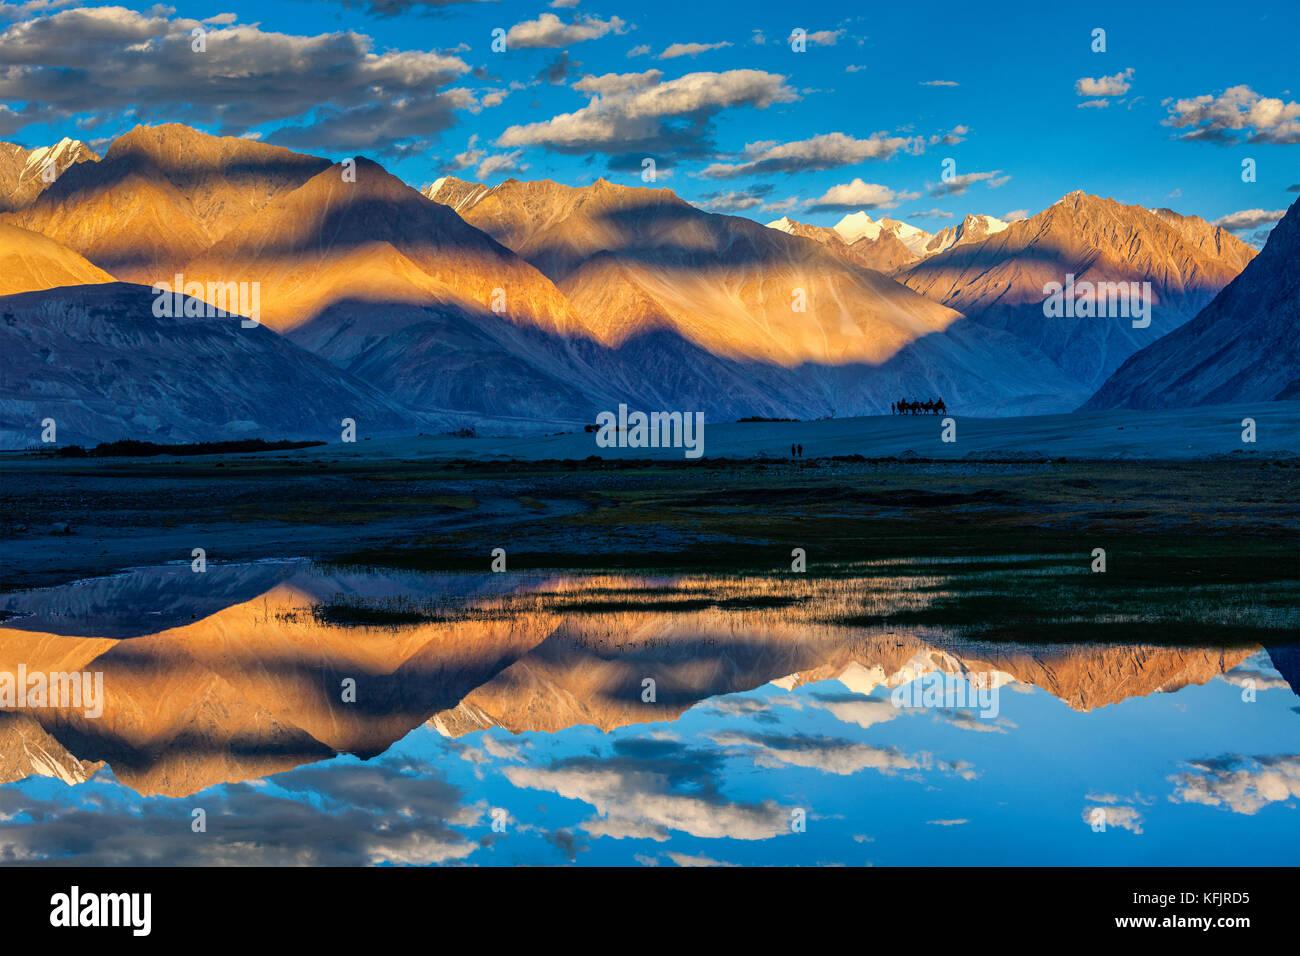 Coucher du soleil sur l'Himalaya, la vallée de Nubra, Ladakh, Inde Photo Stock